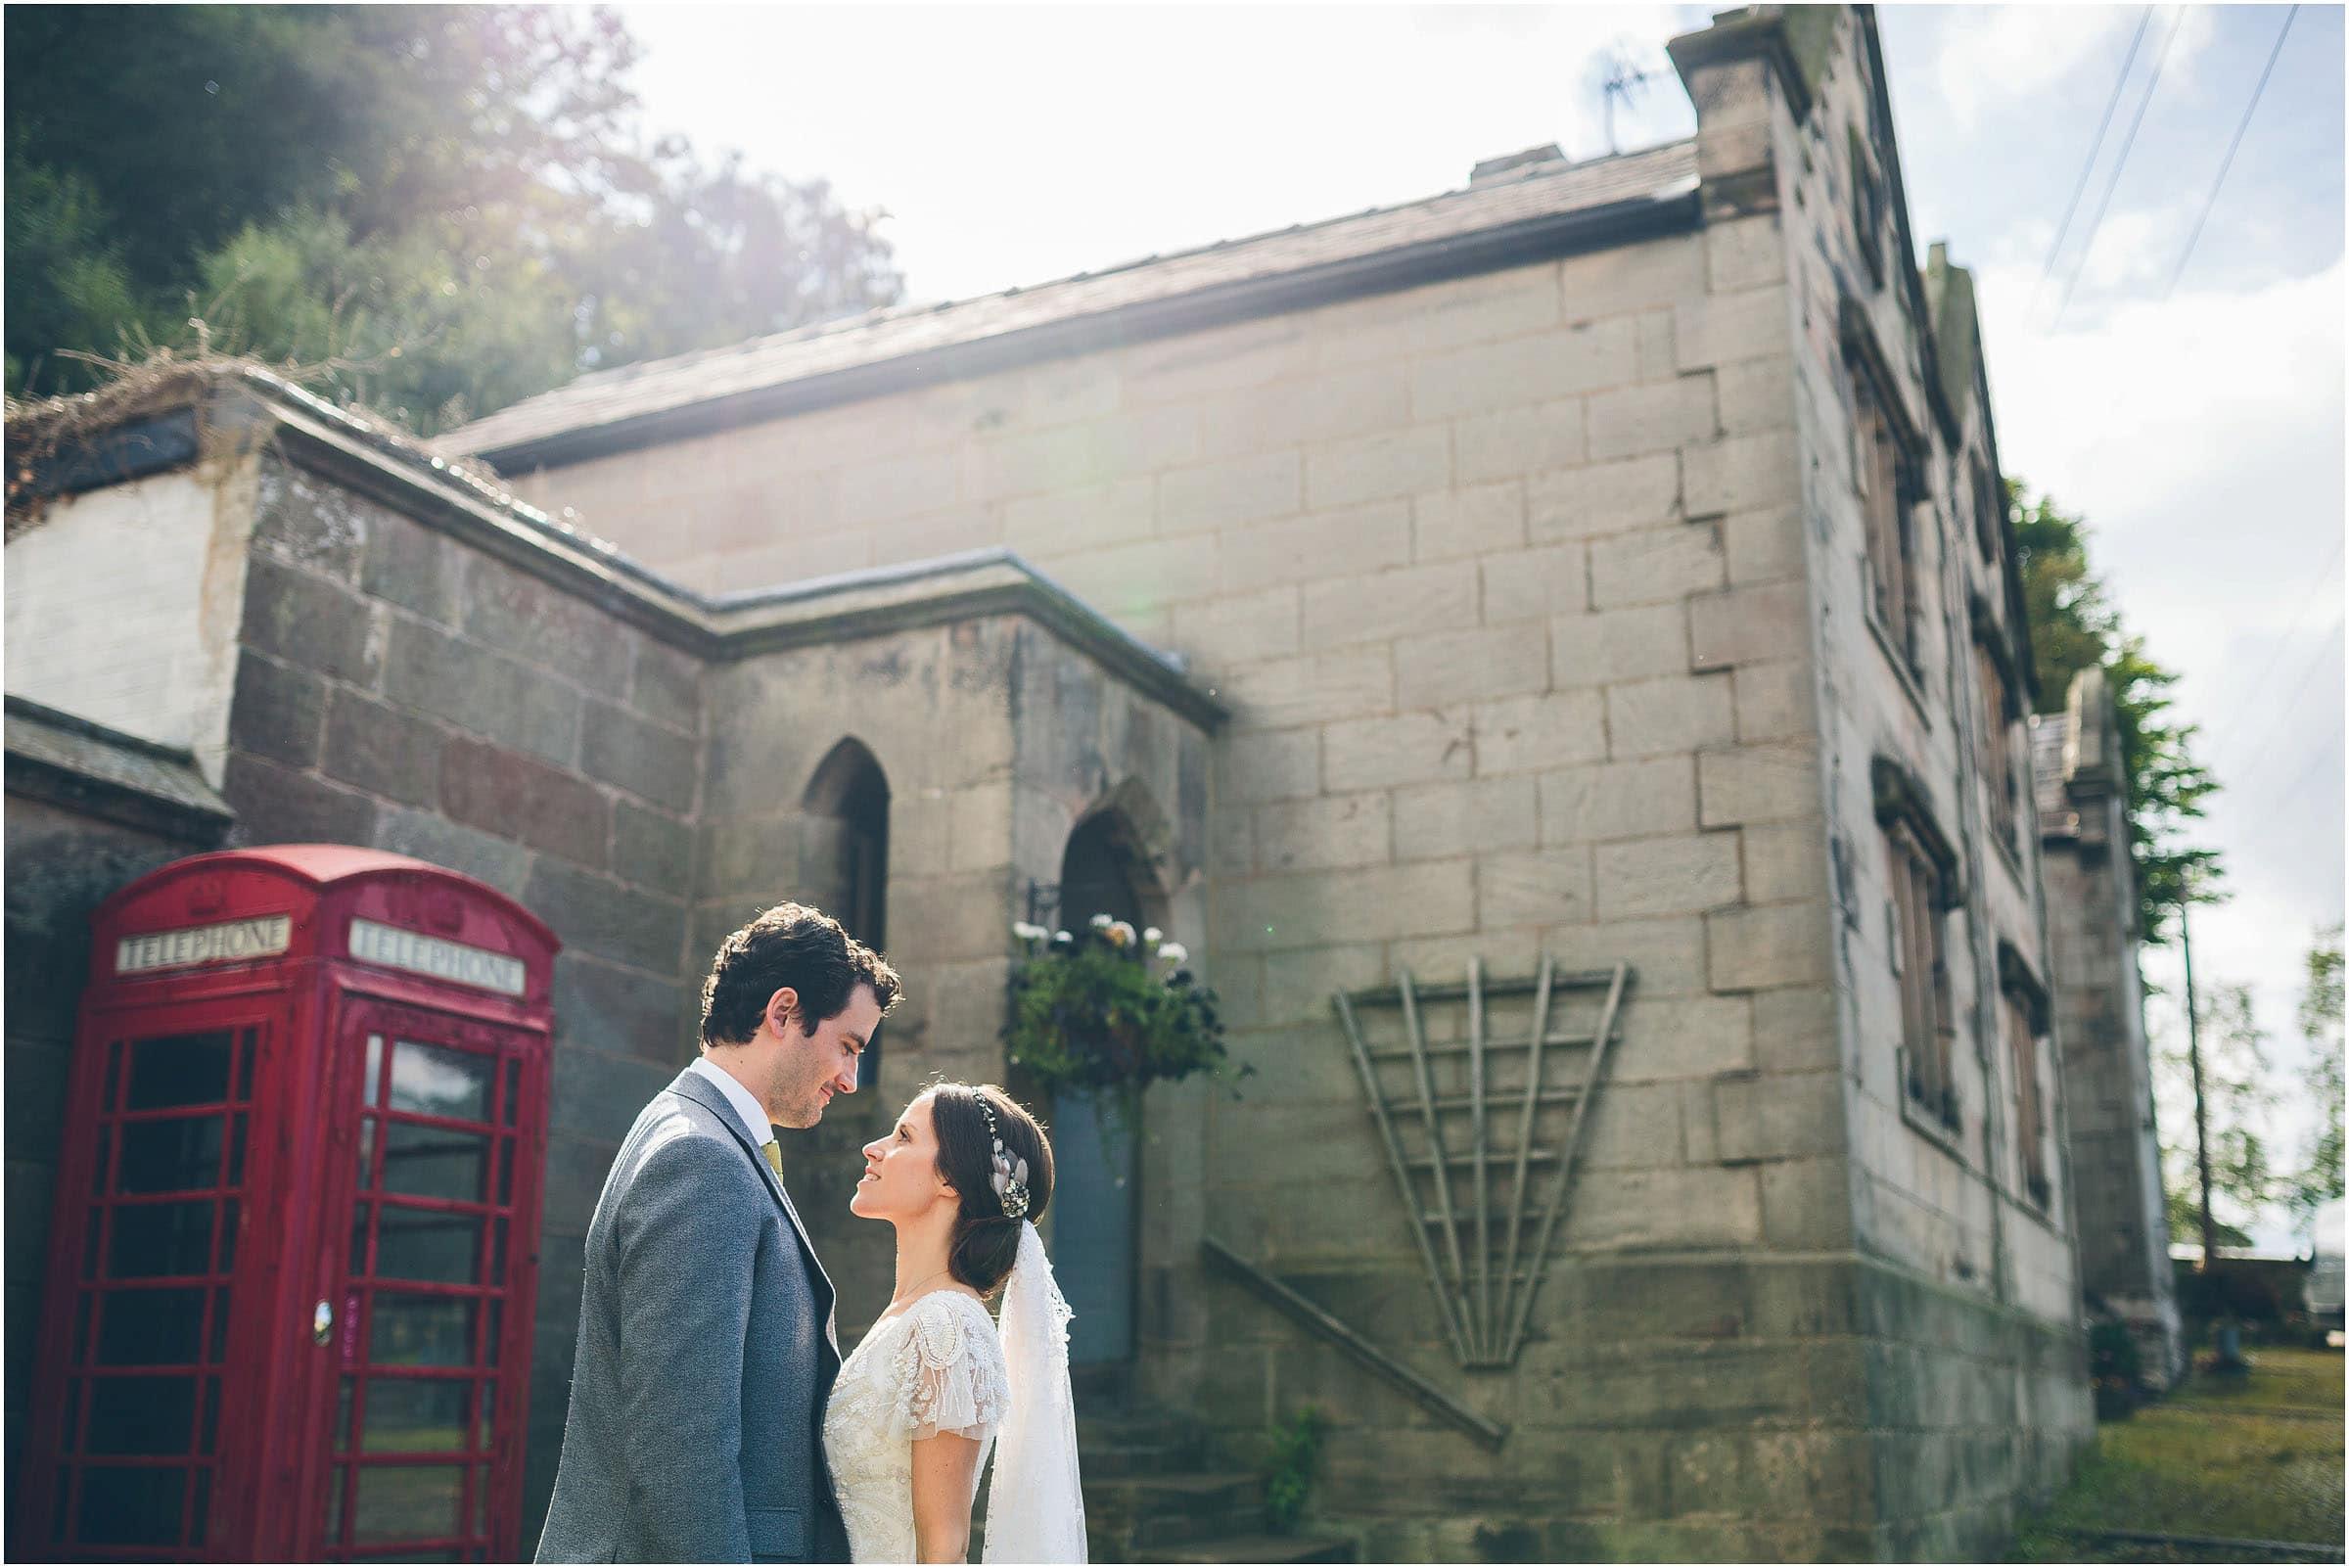 Harthill_Weddings_Wedding_Photography_0085